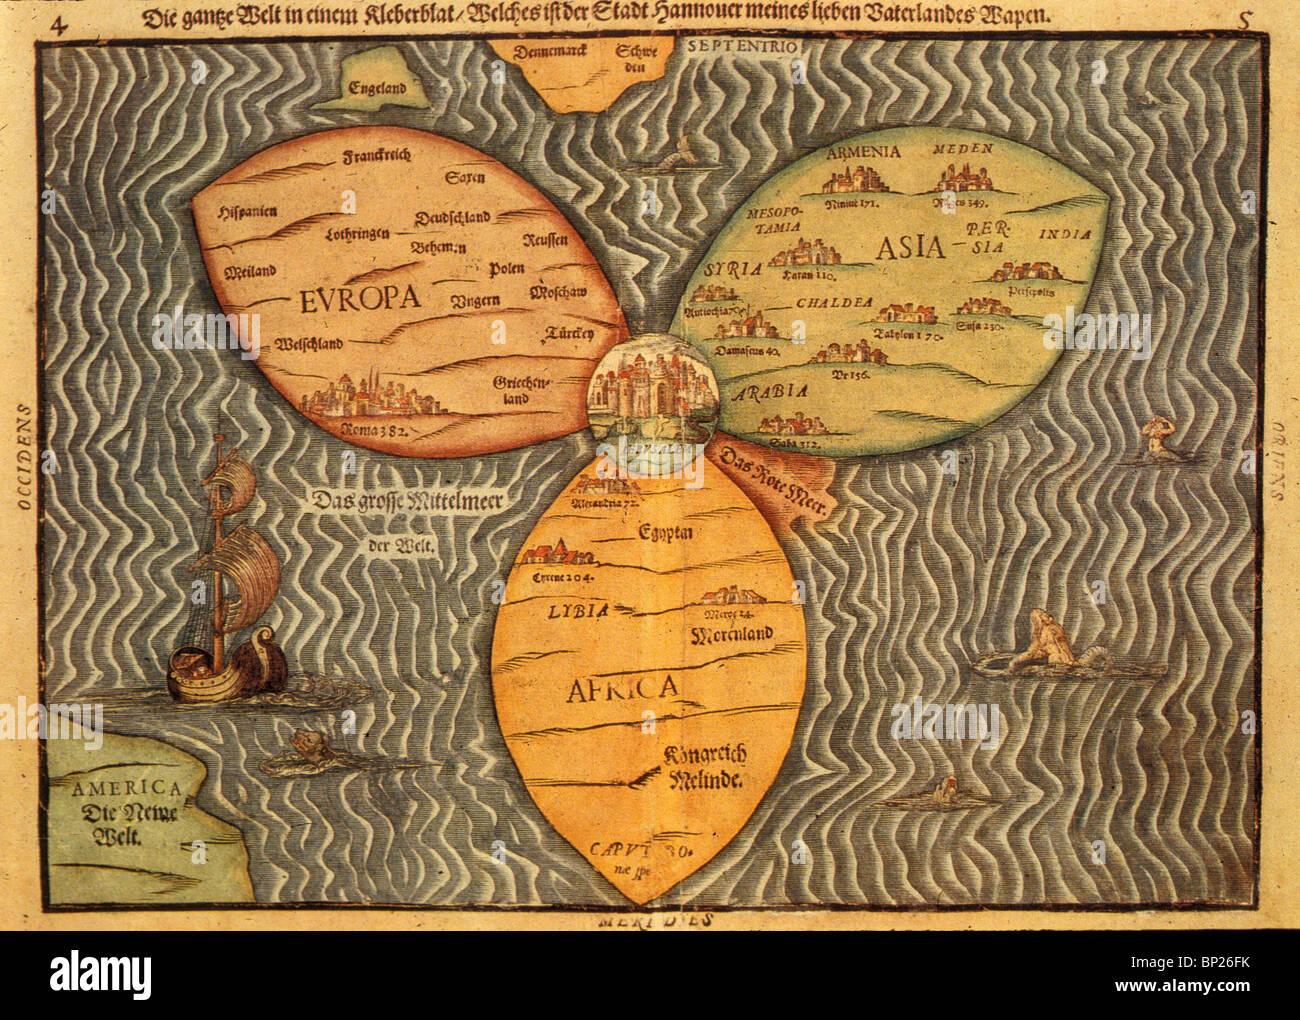 1059. Carte DU MONDE AVEC JÉRUSALEM AU CENTRE, H. BUNTING, 'l'ITINERARIUM SACRAE SCRIPTUARE» 1581 Photo Stock